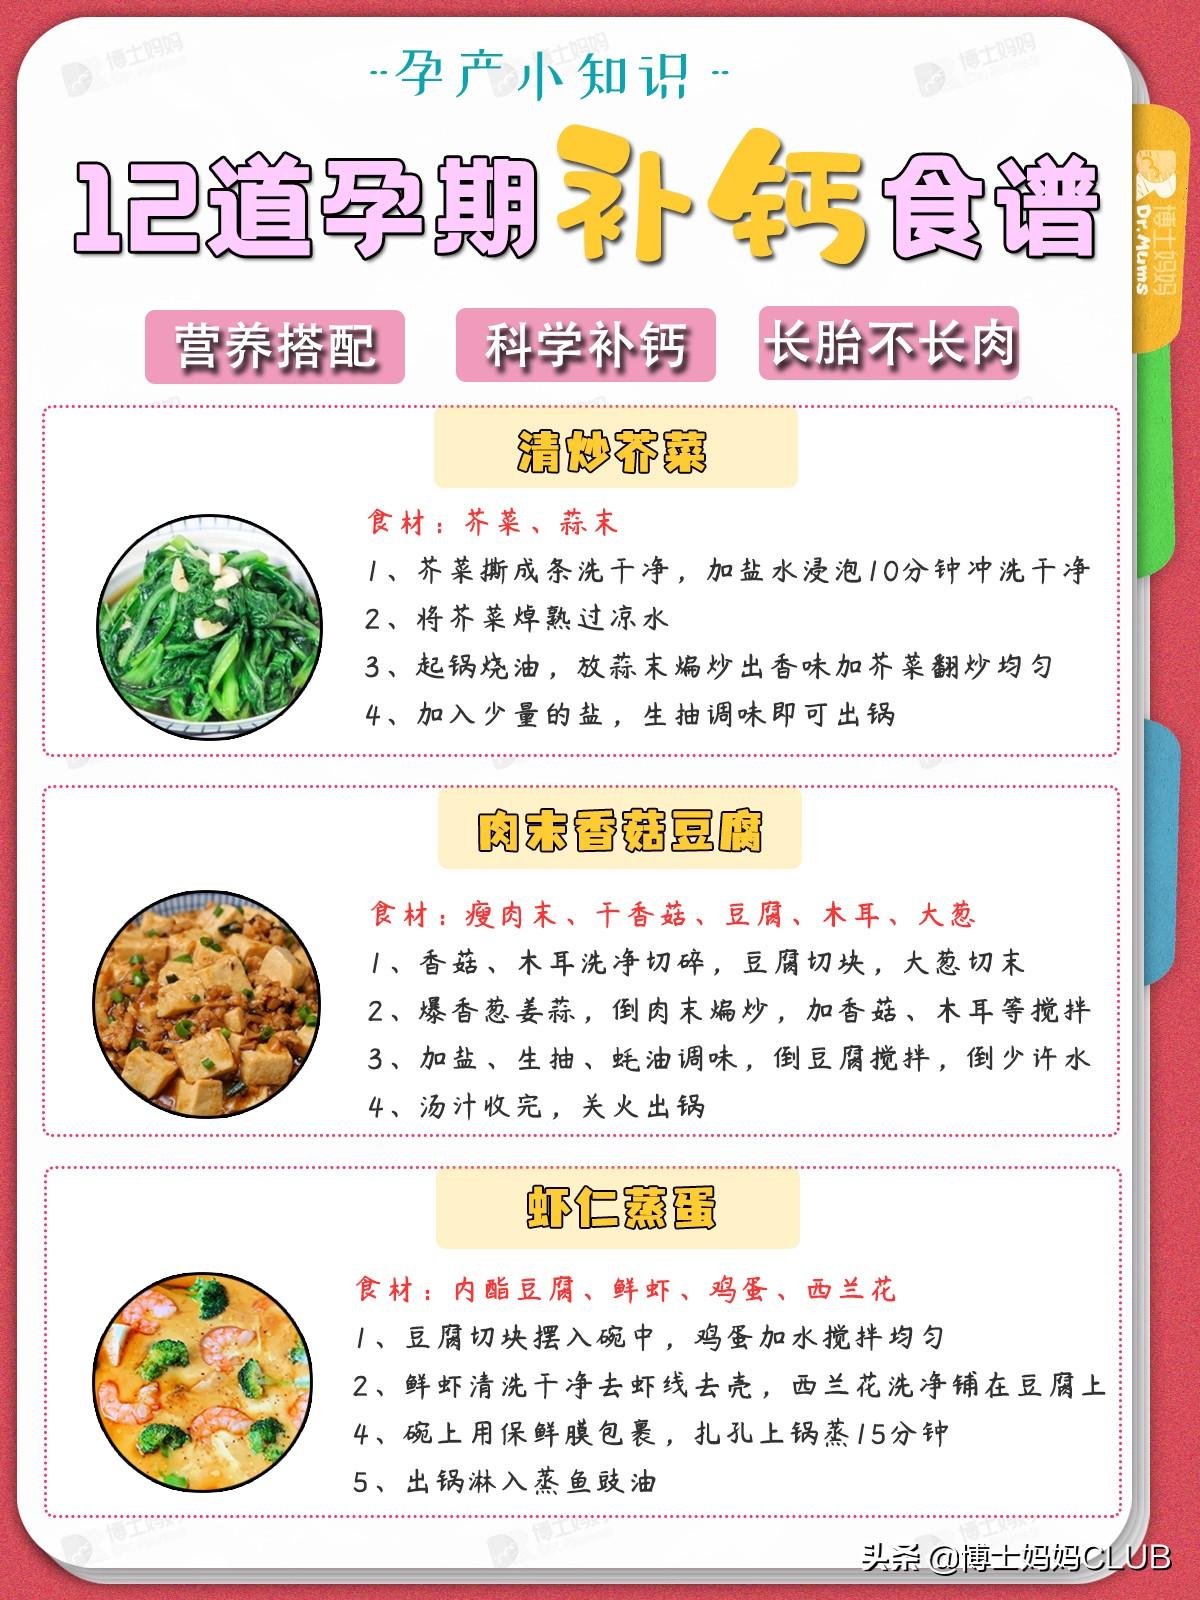 超级补钙食谱,荤素搭配,营养又好吃! 孕妇菜谱做法 第3张